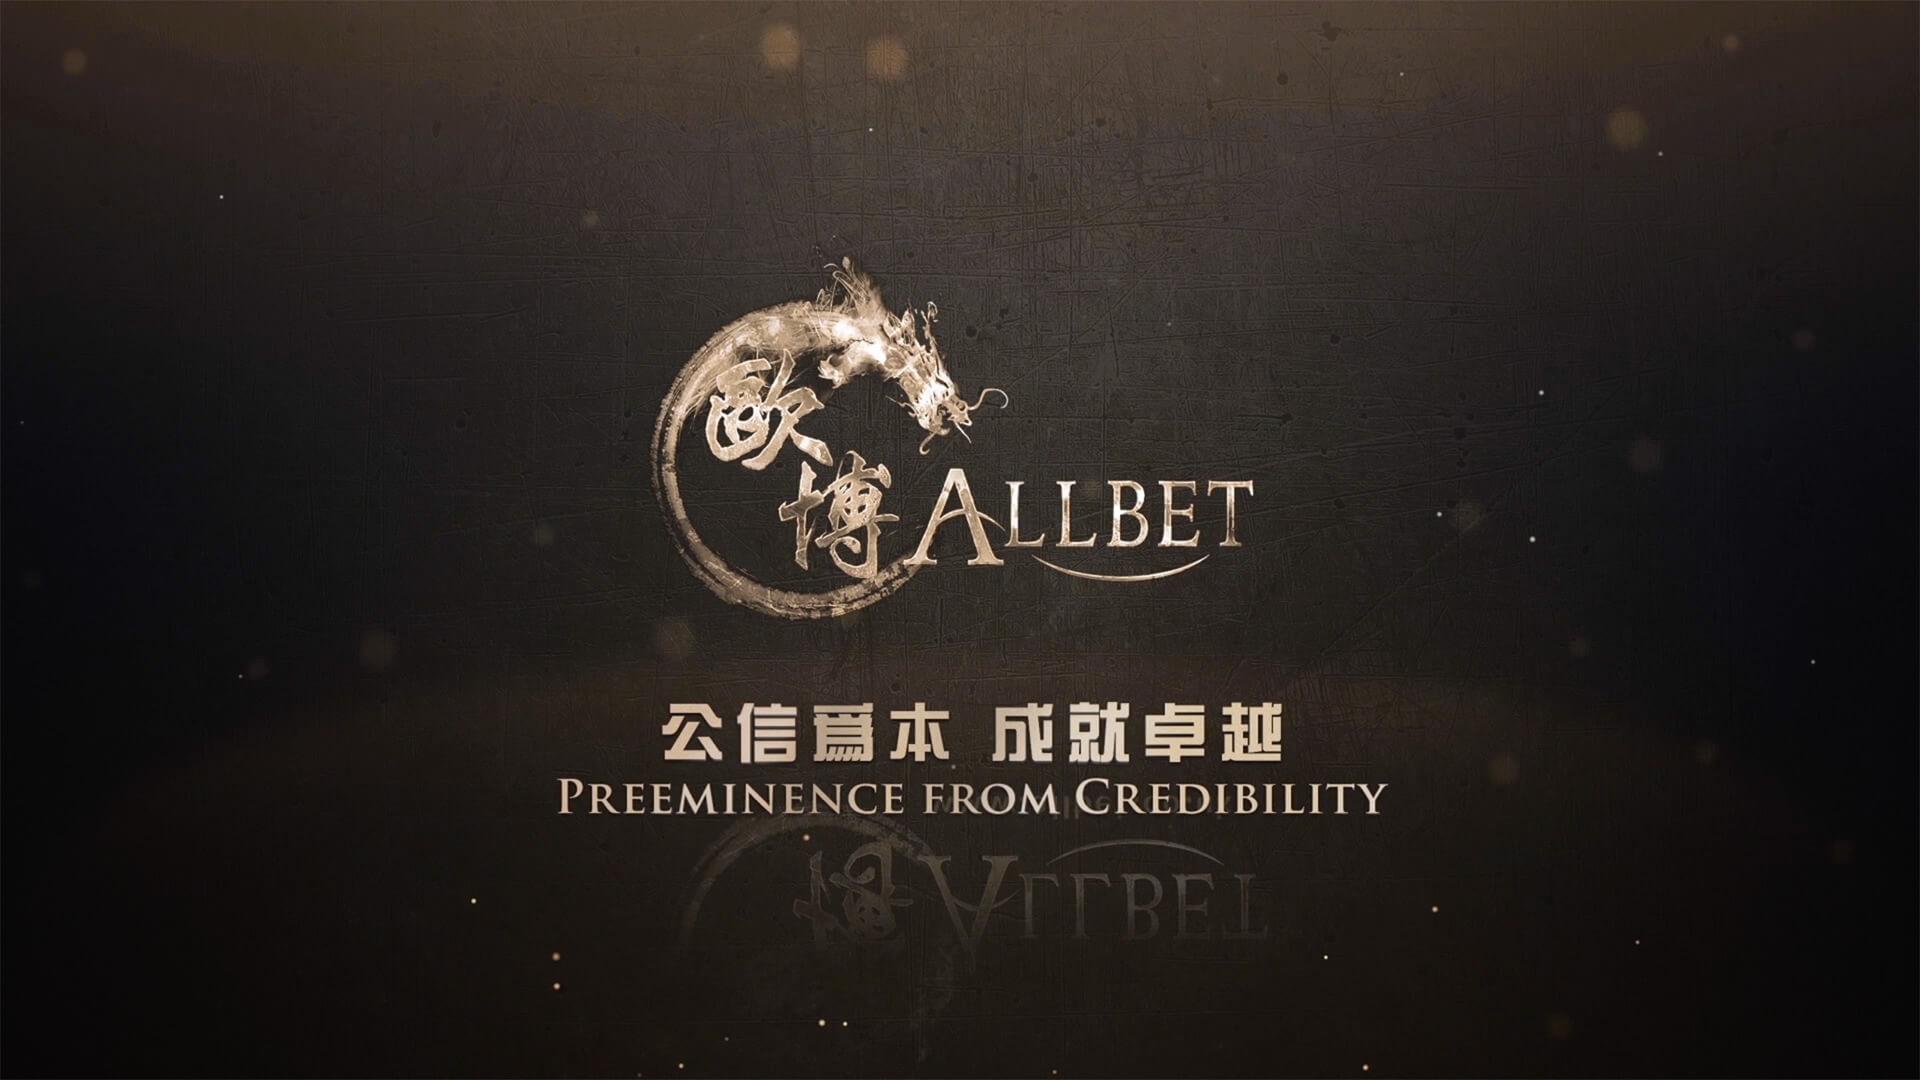 Asiabet33 Allbet Gaming